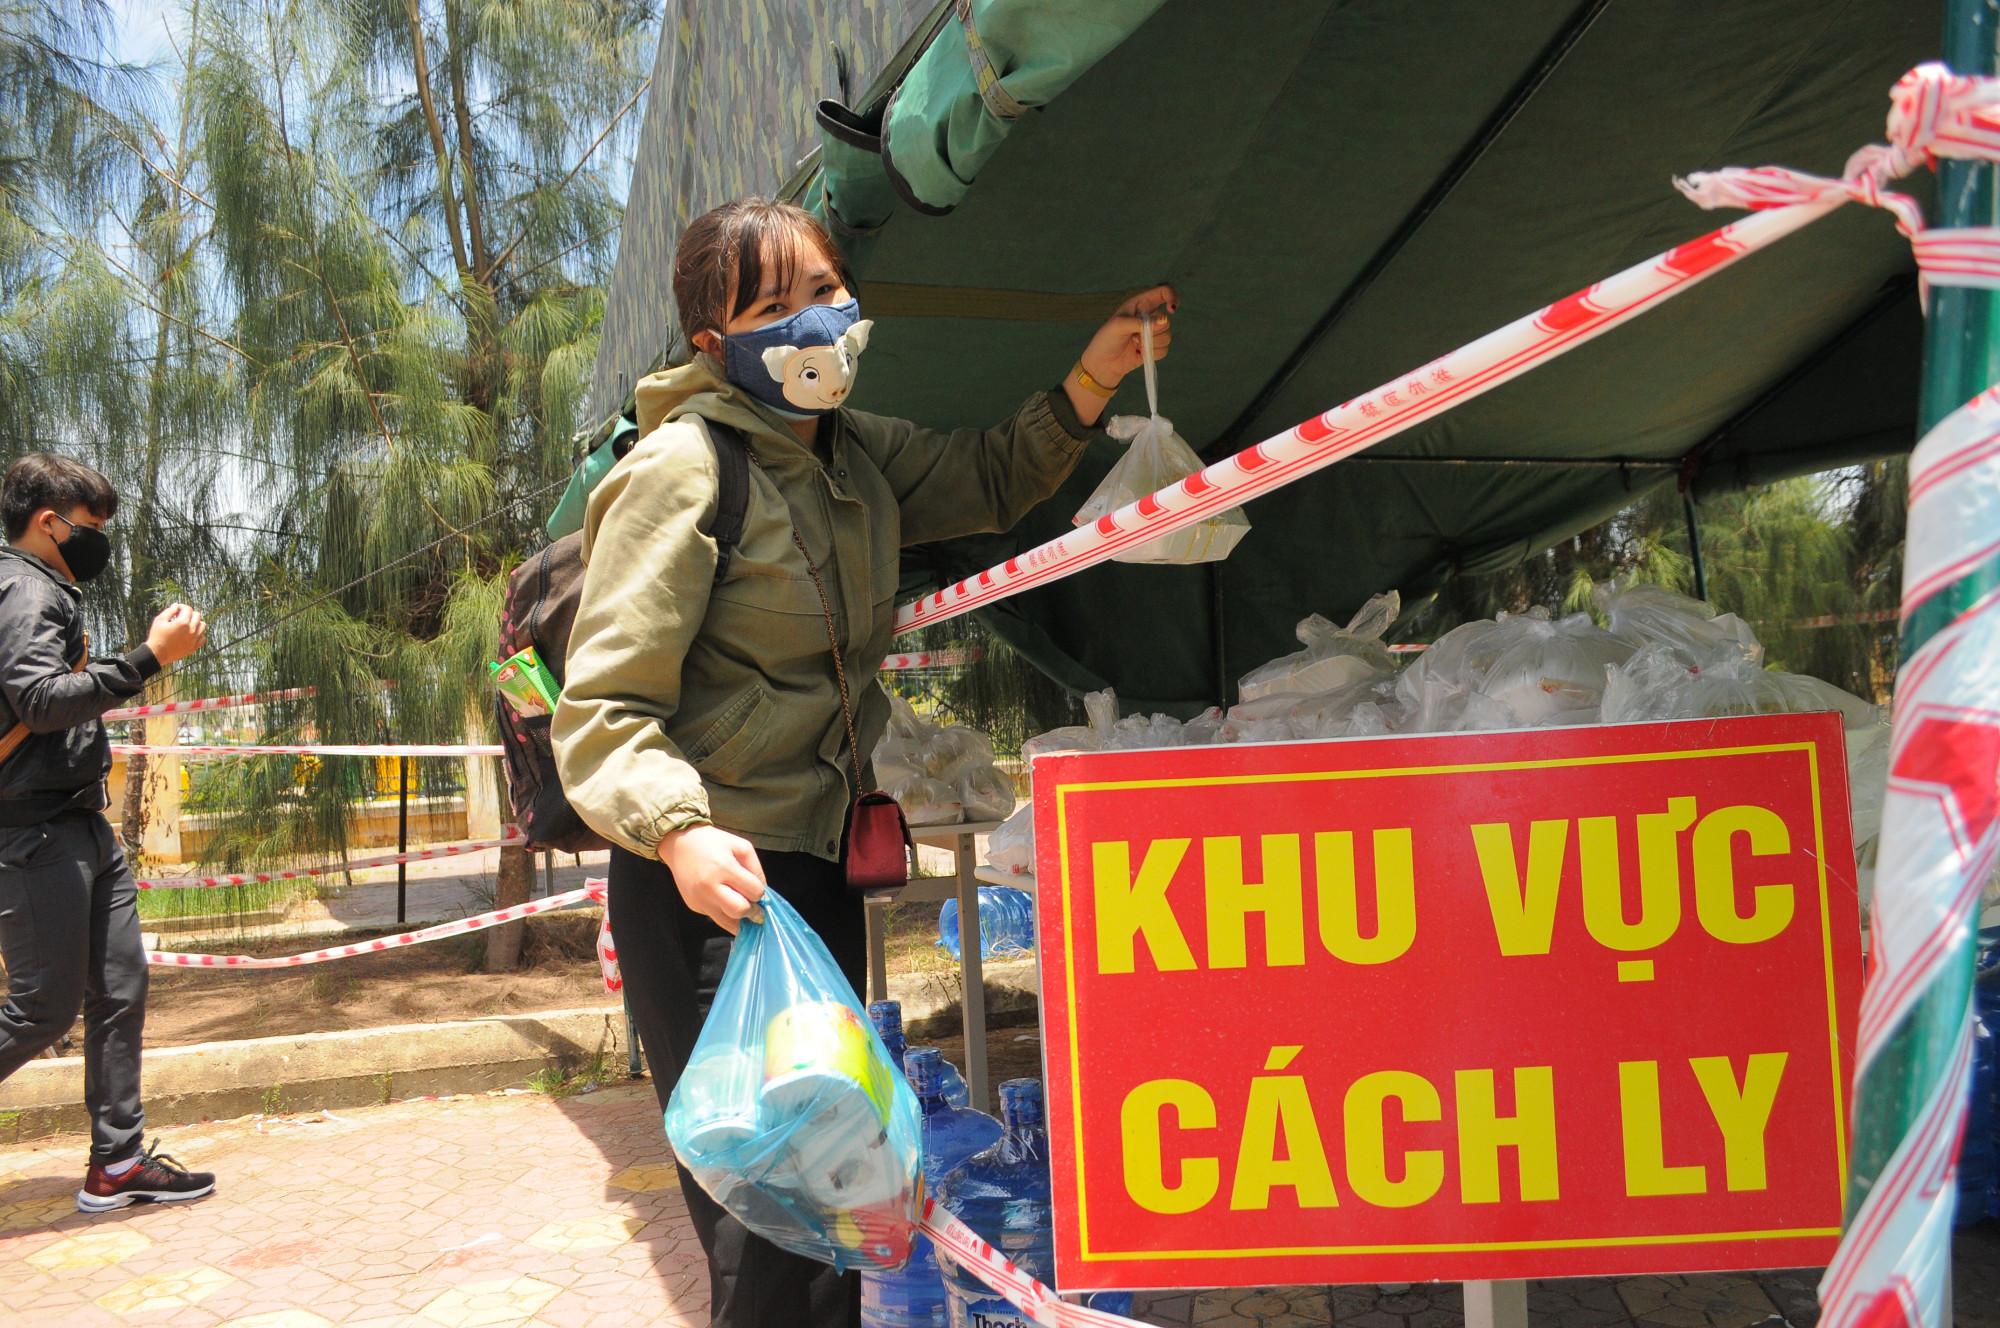 Cách ly tập trung đối với tất cả người dân từ TP. Hồ Chí Minh về Quảng Ngãi từ 12g hôm nay